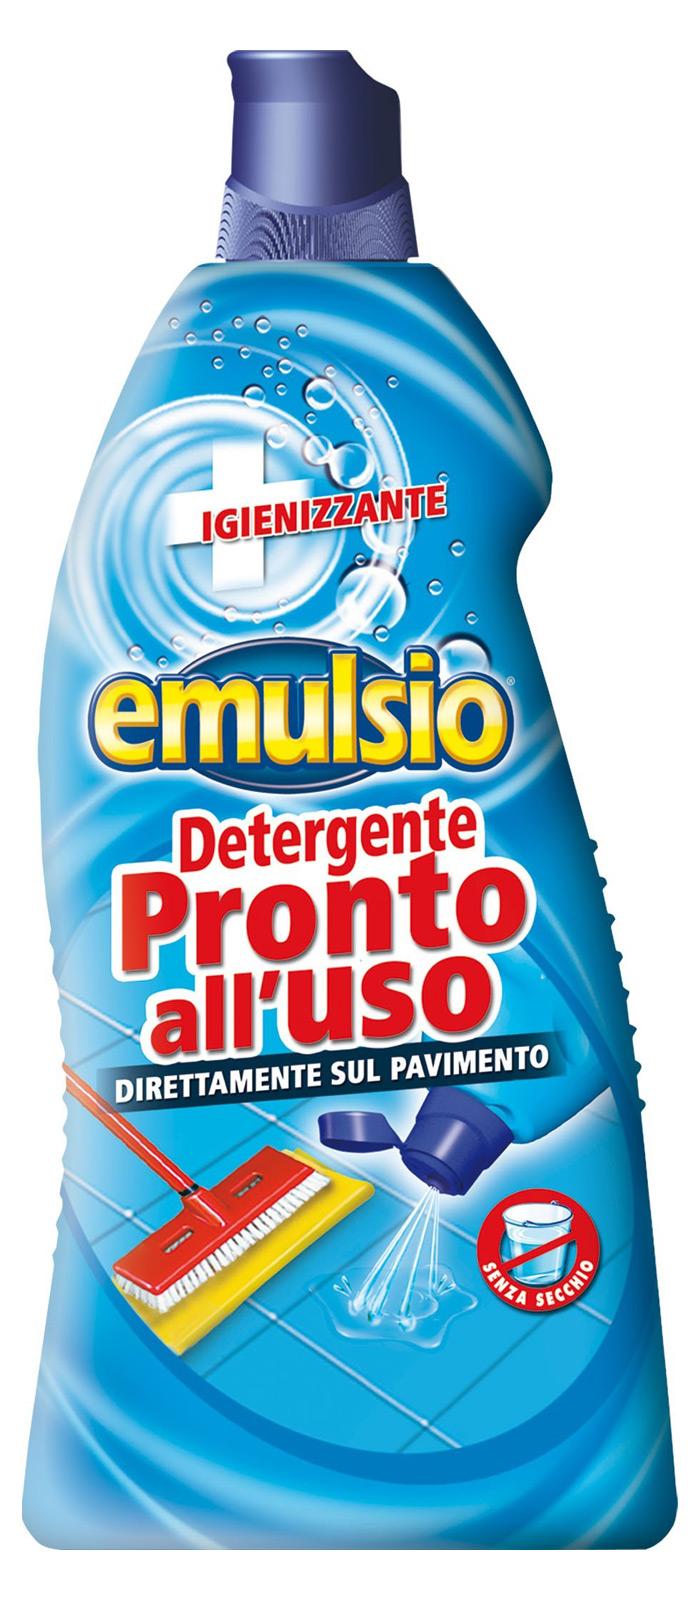 EMULSIO DETERGENTE PRONTO ALL'USO 750 ML